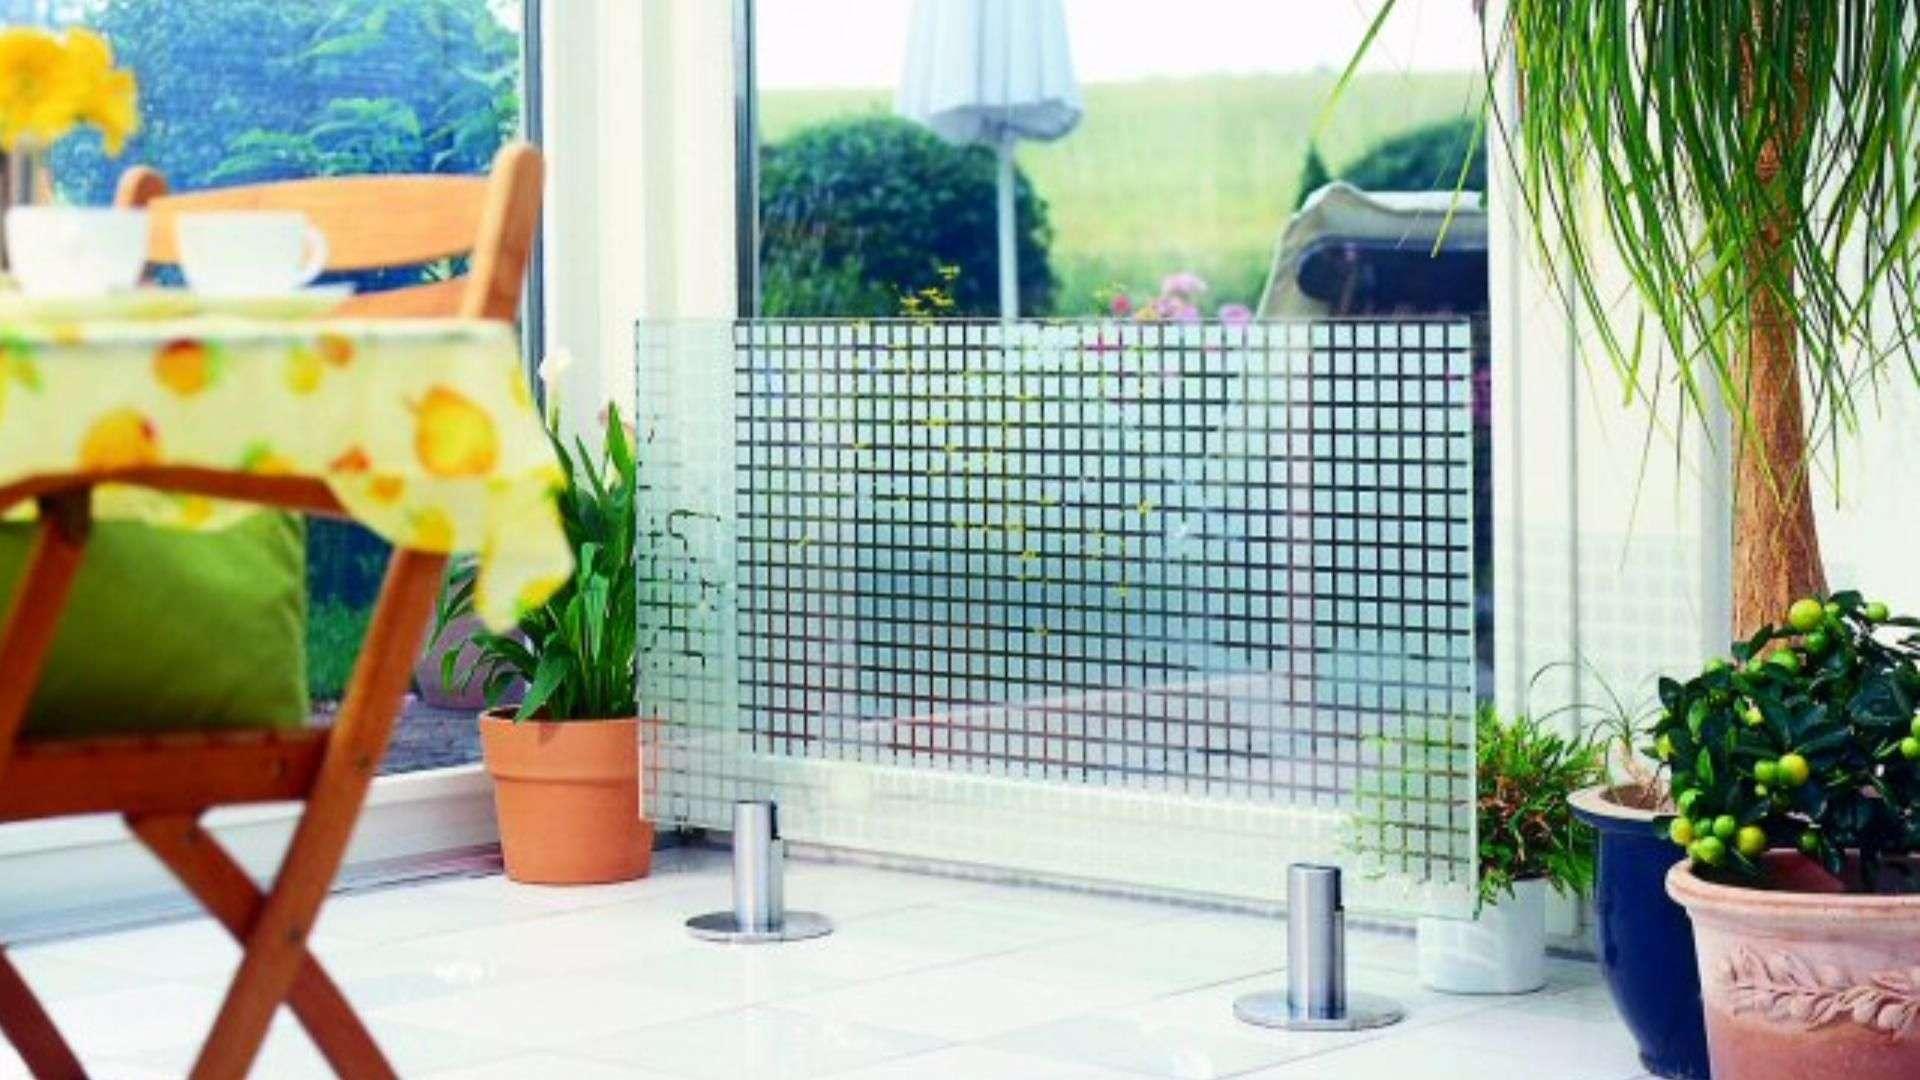 Glasheizung in einem Esszimmer